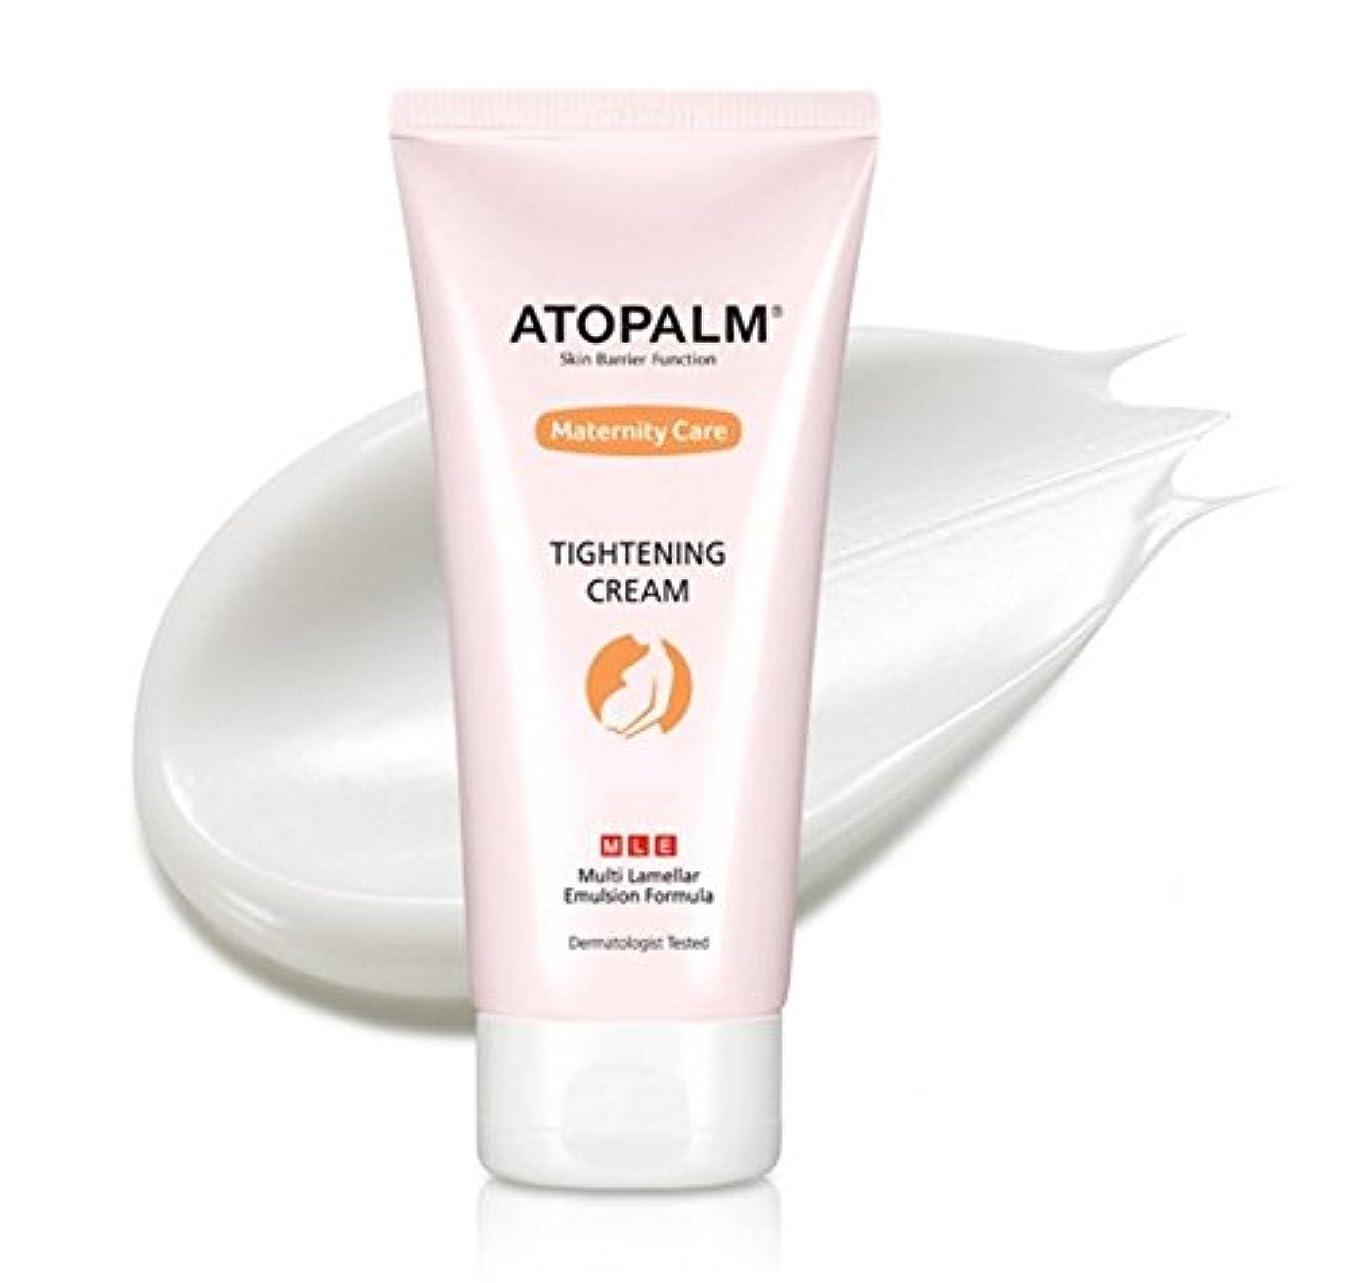 世論調査とげ急ぐATOPALM Maternity Care Tightening Cream 150ml/アトパーム マタニティ ケア タイトニング クリーム 150ml [並行輸入品]